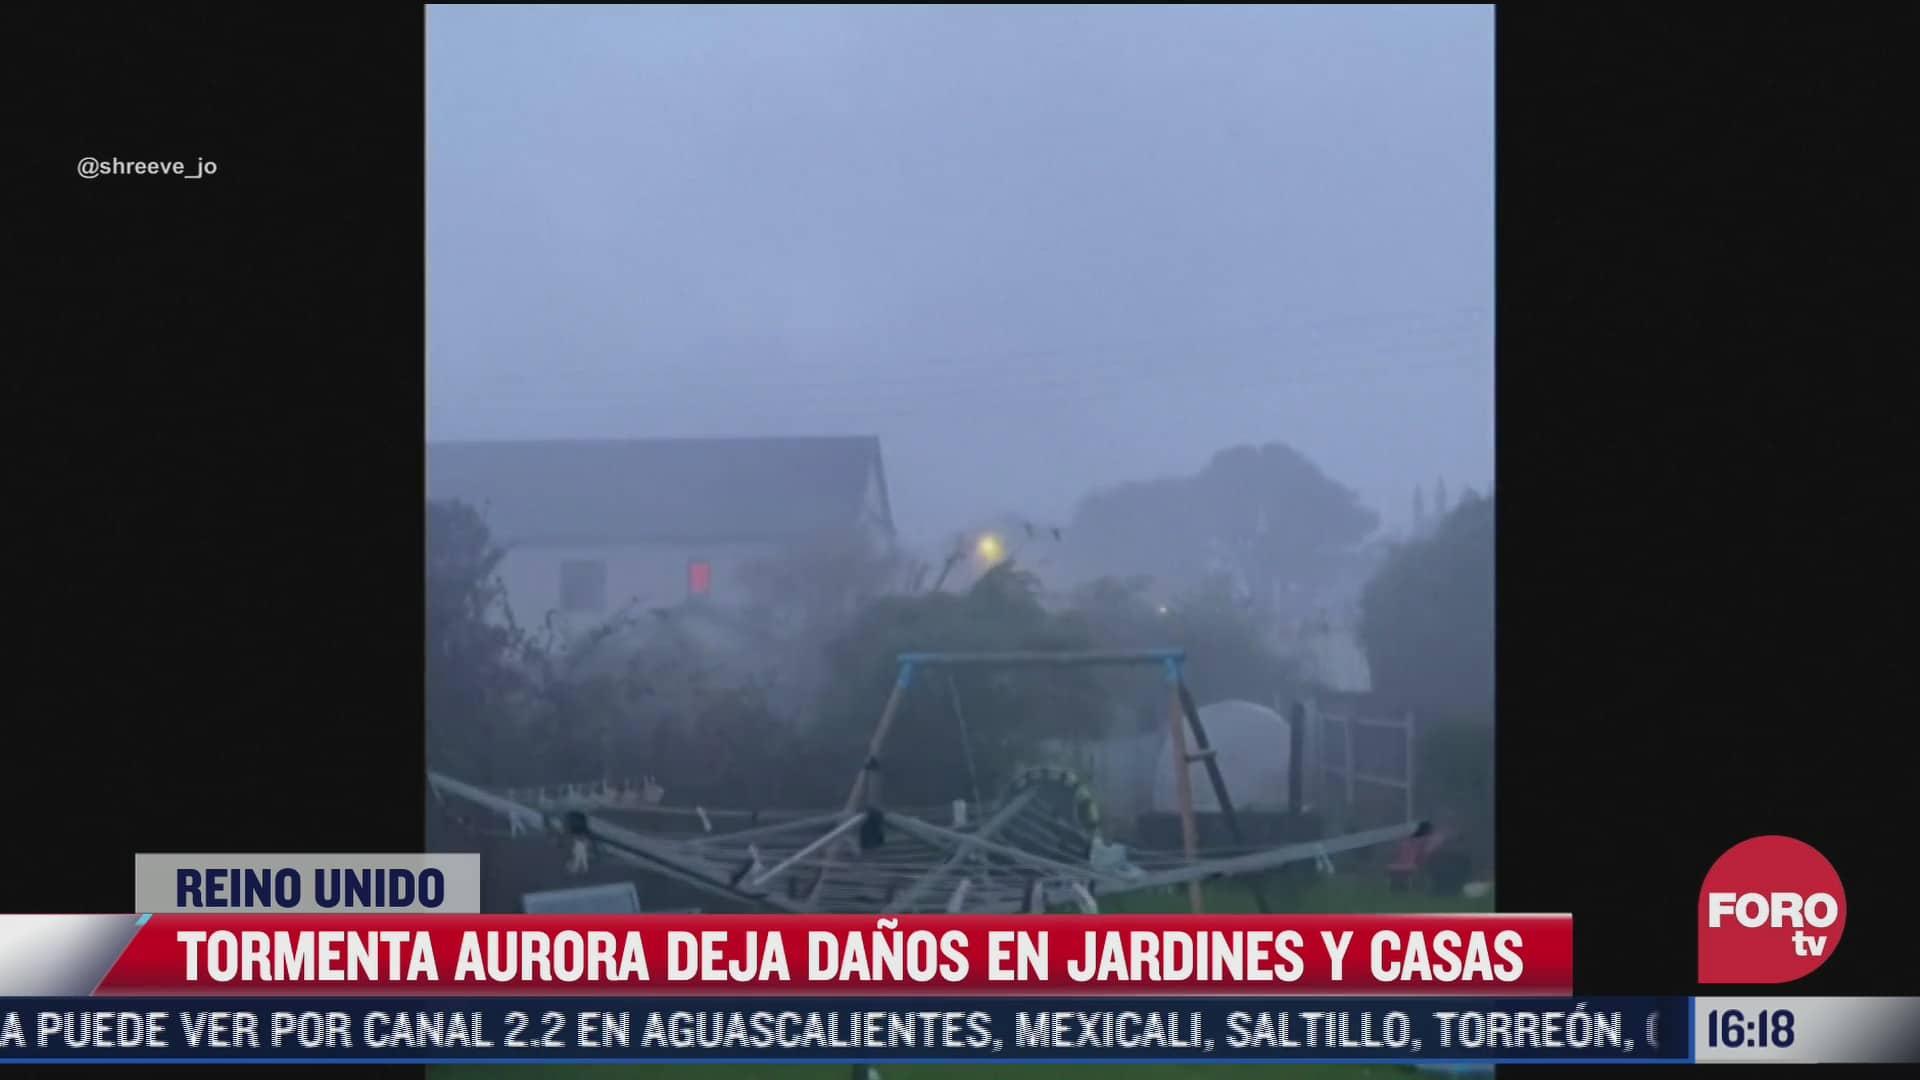 inglaterra sufre afectaciones por tormentas aurora